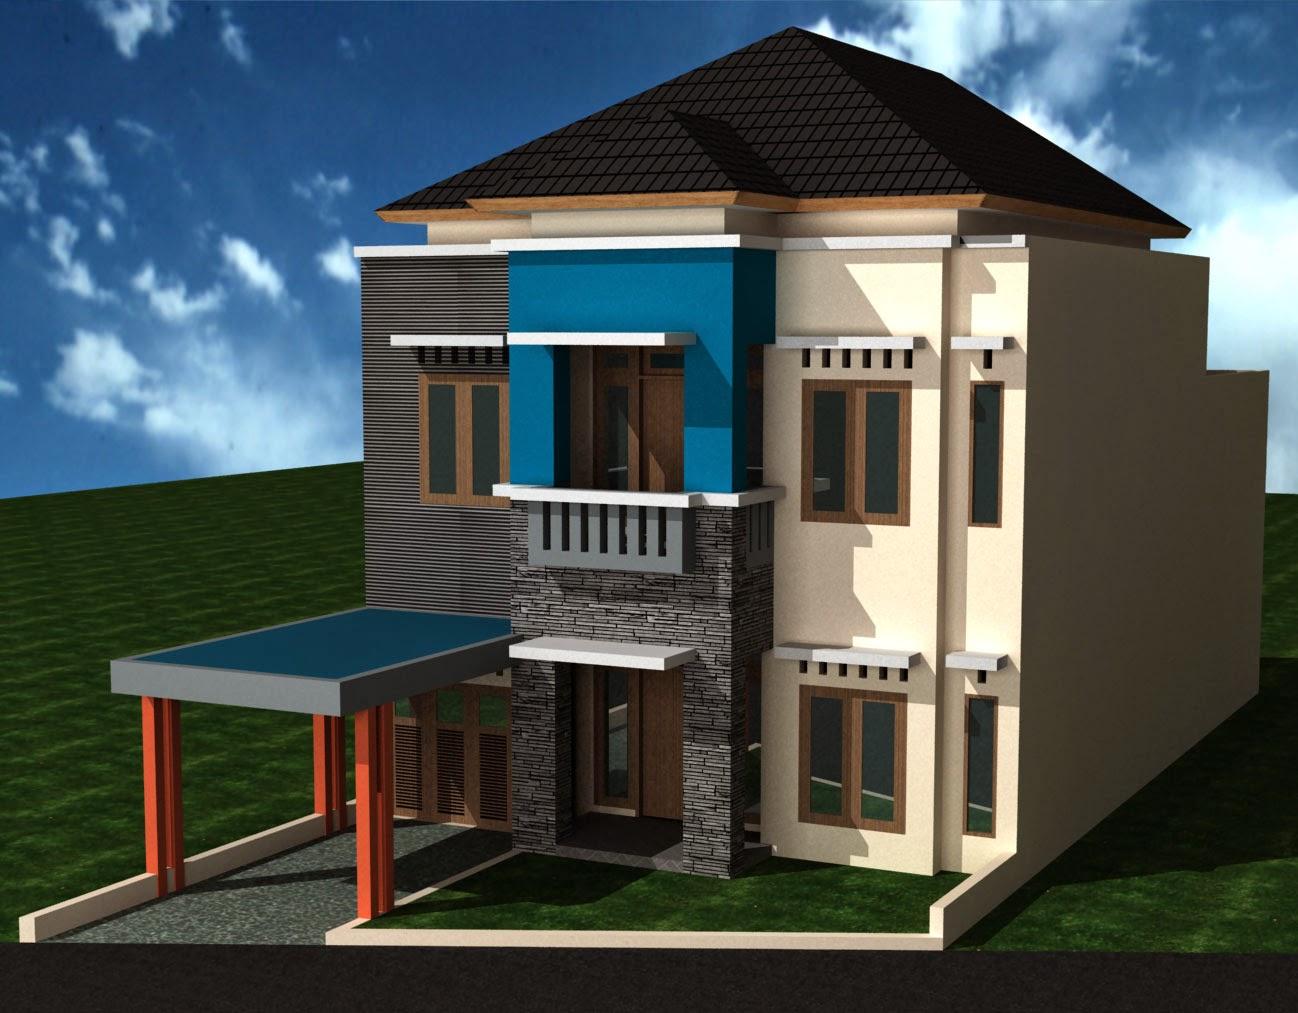 Desain Rumah Minimalis 2 Lantai Type 38 Gambar Foto Desain Rumah